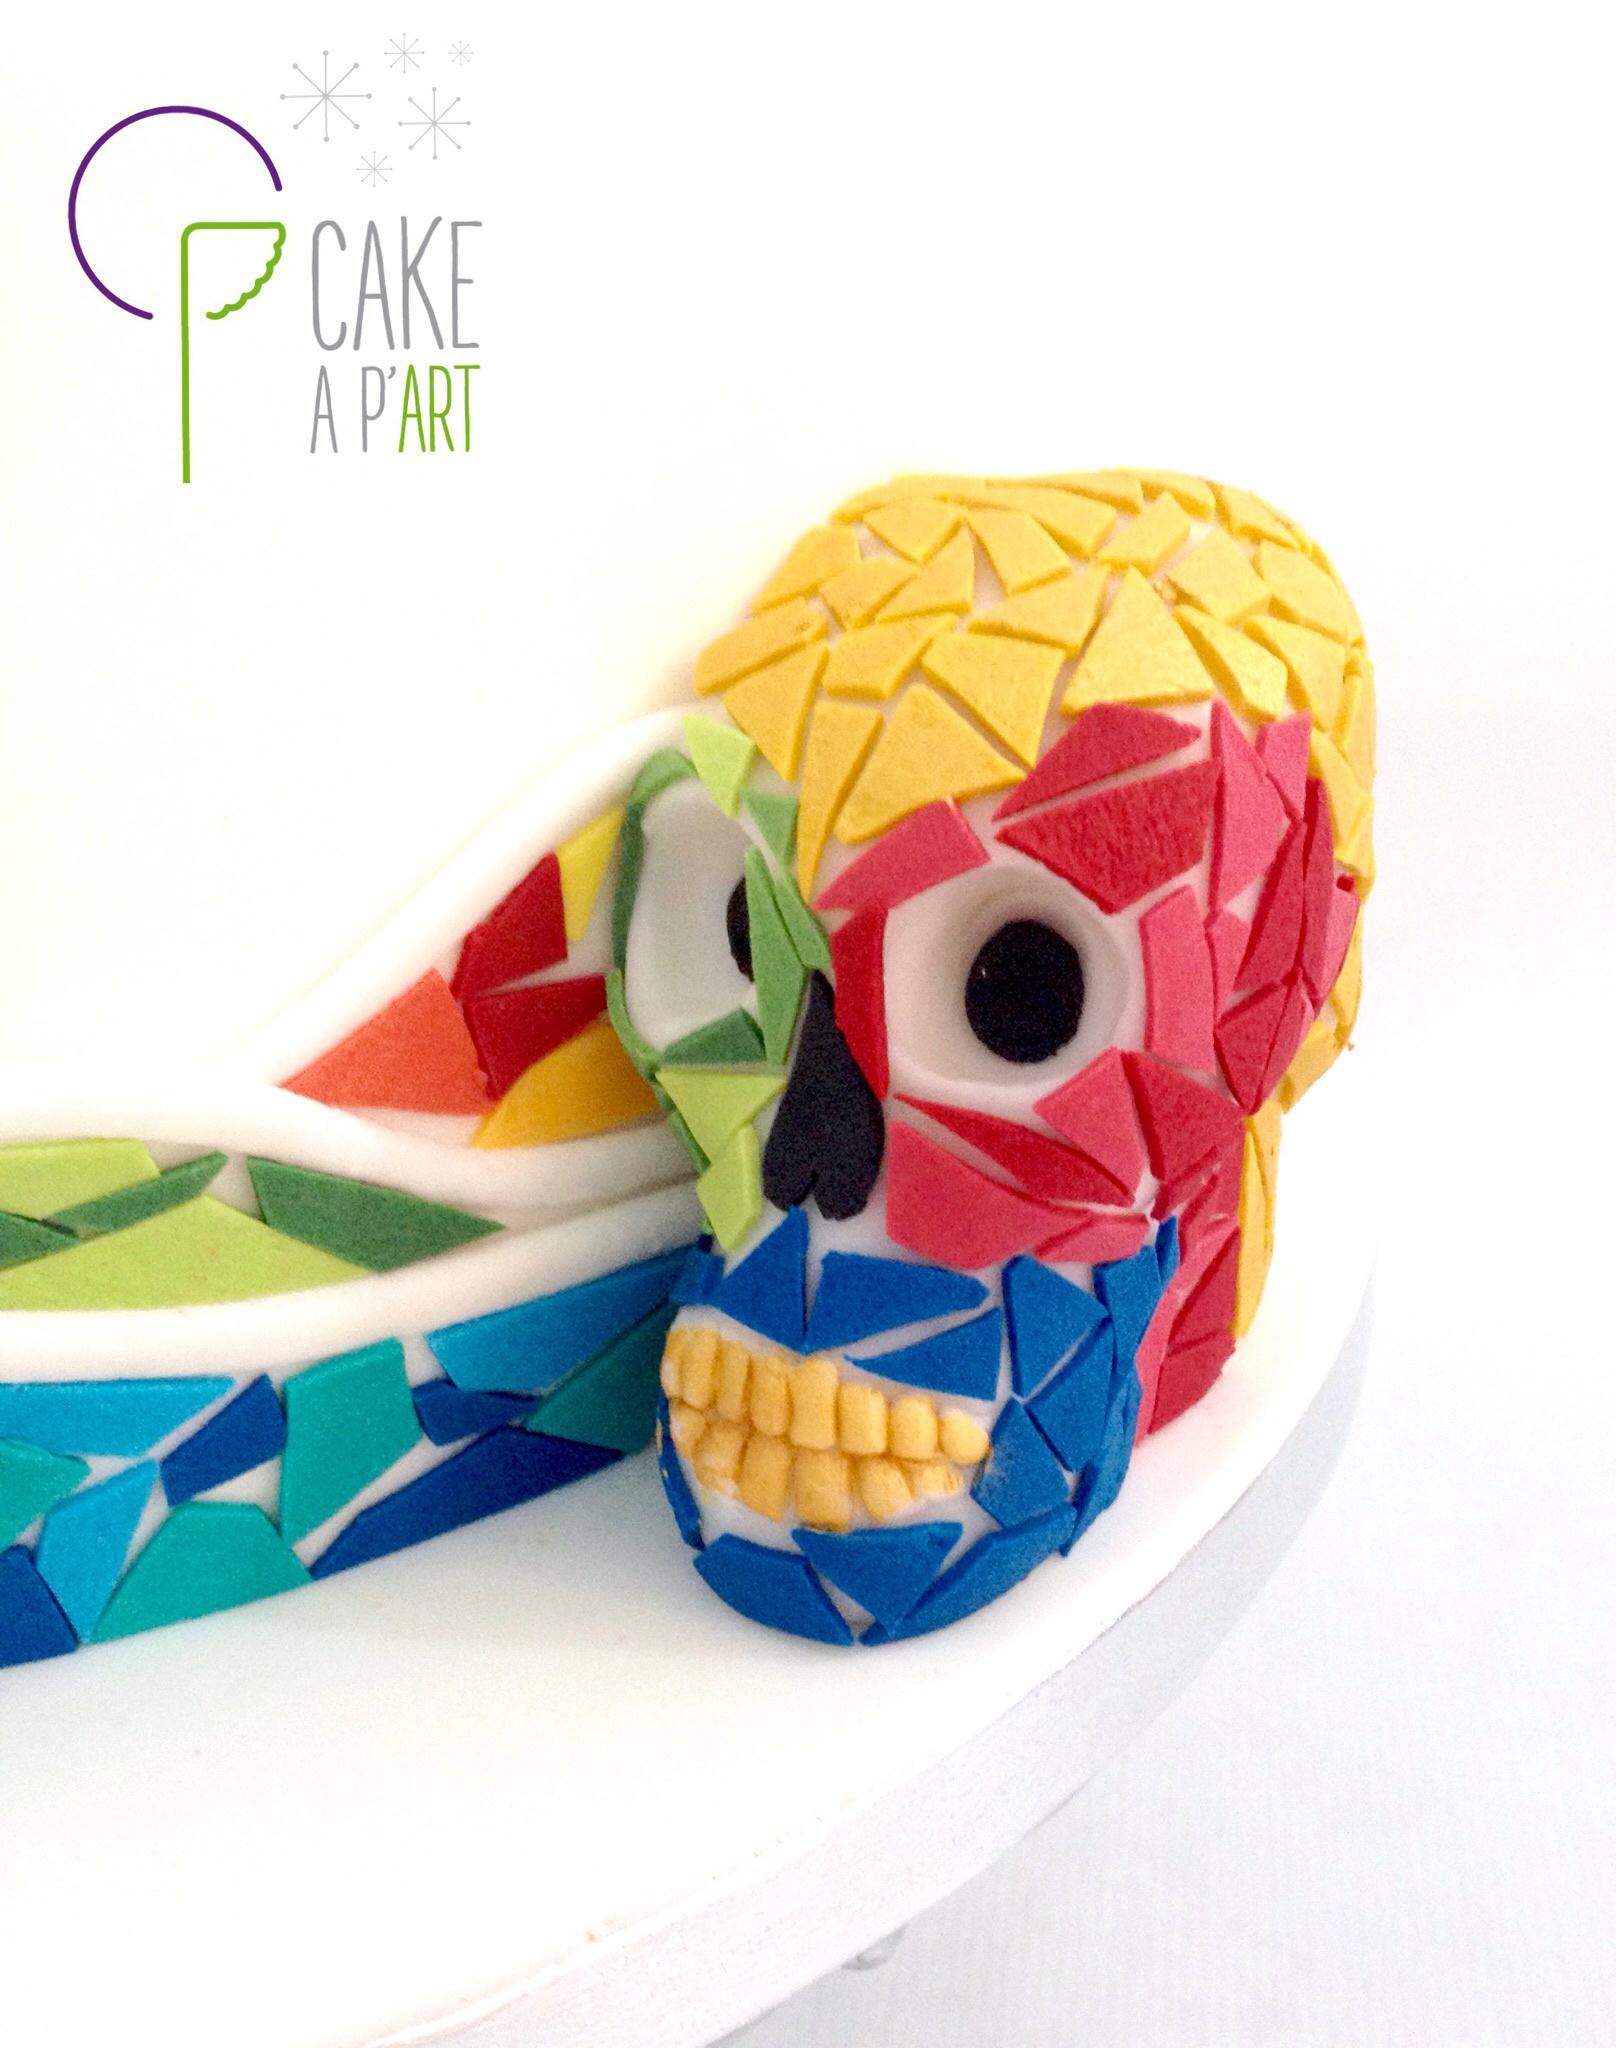 Décor modelage en sucre gâteaux personnalisés - Mariage Thème Arts MosaÏque Gaudi Crâne